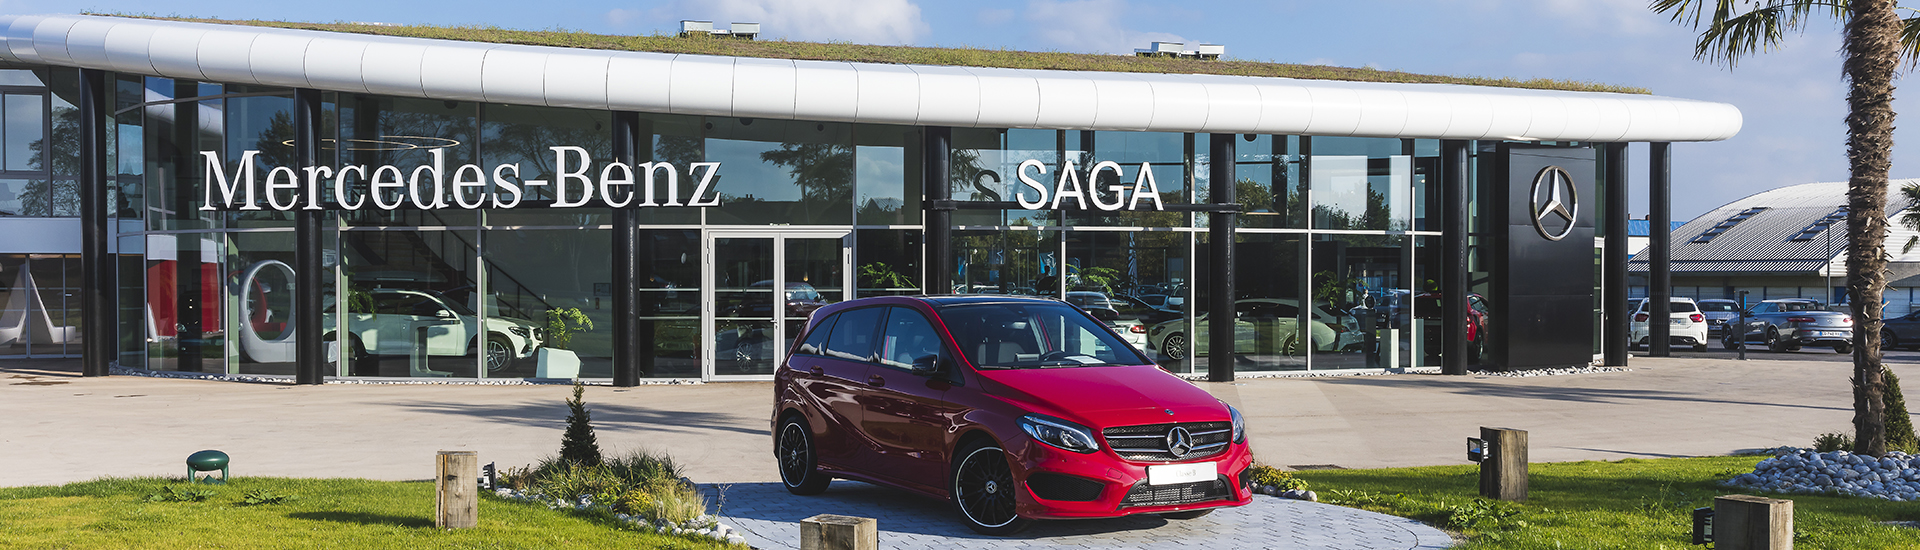 Nouvelle concession SAGA Mercedes-Benz à Dunkerque.